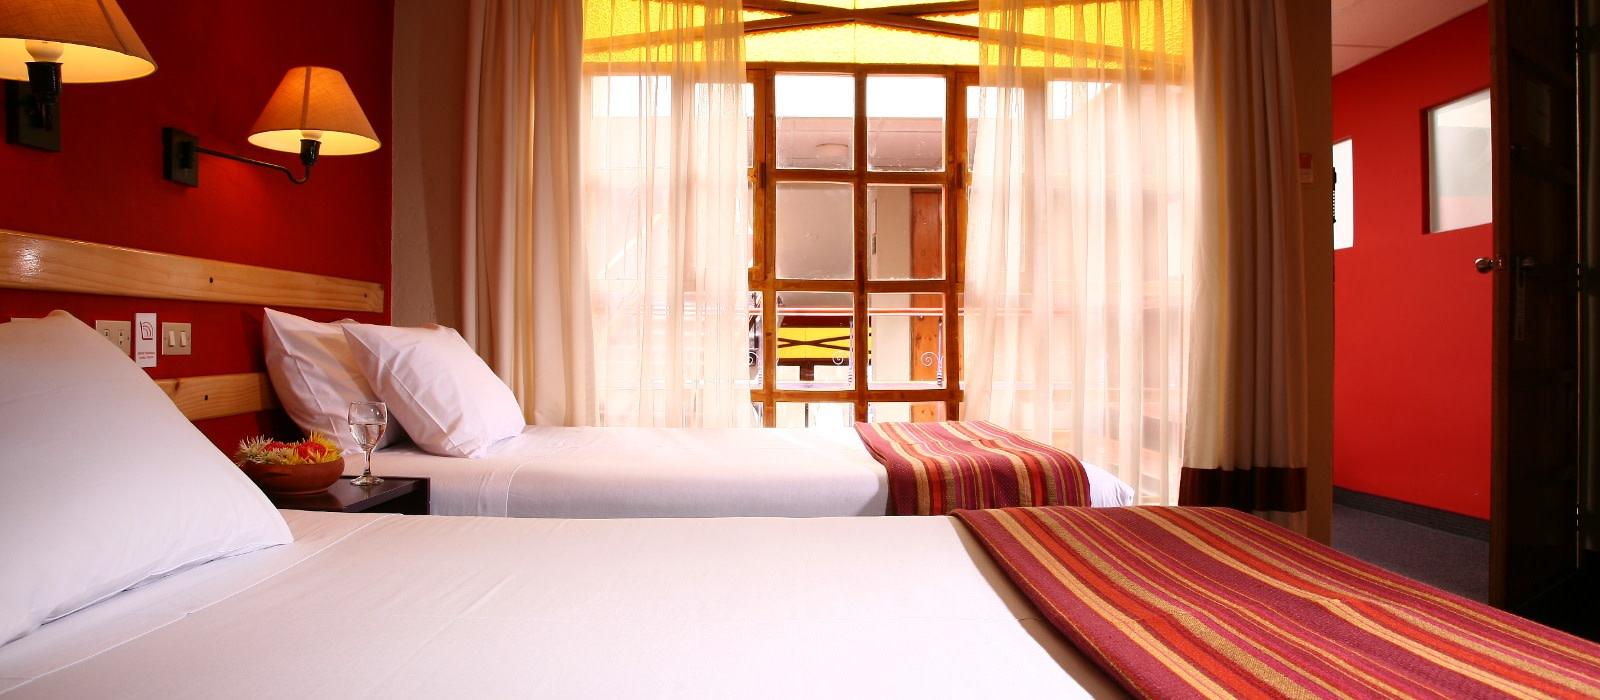 Hotel Casa Andina Classic Standard Puno Peru